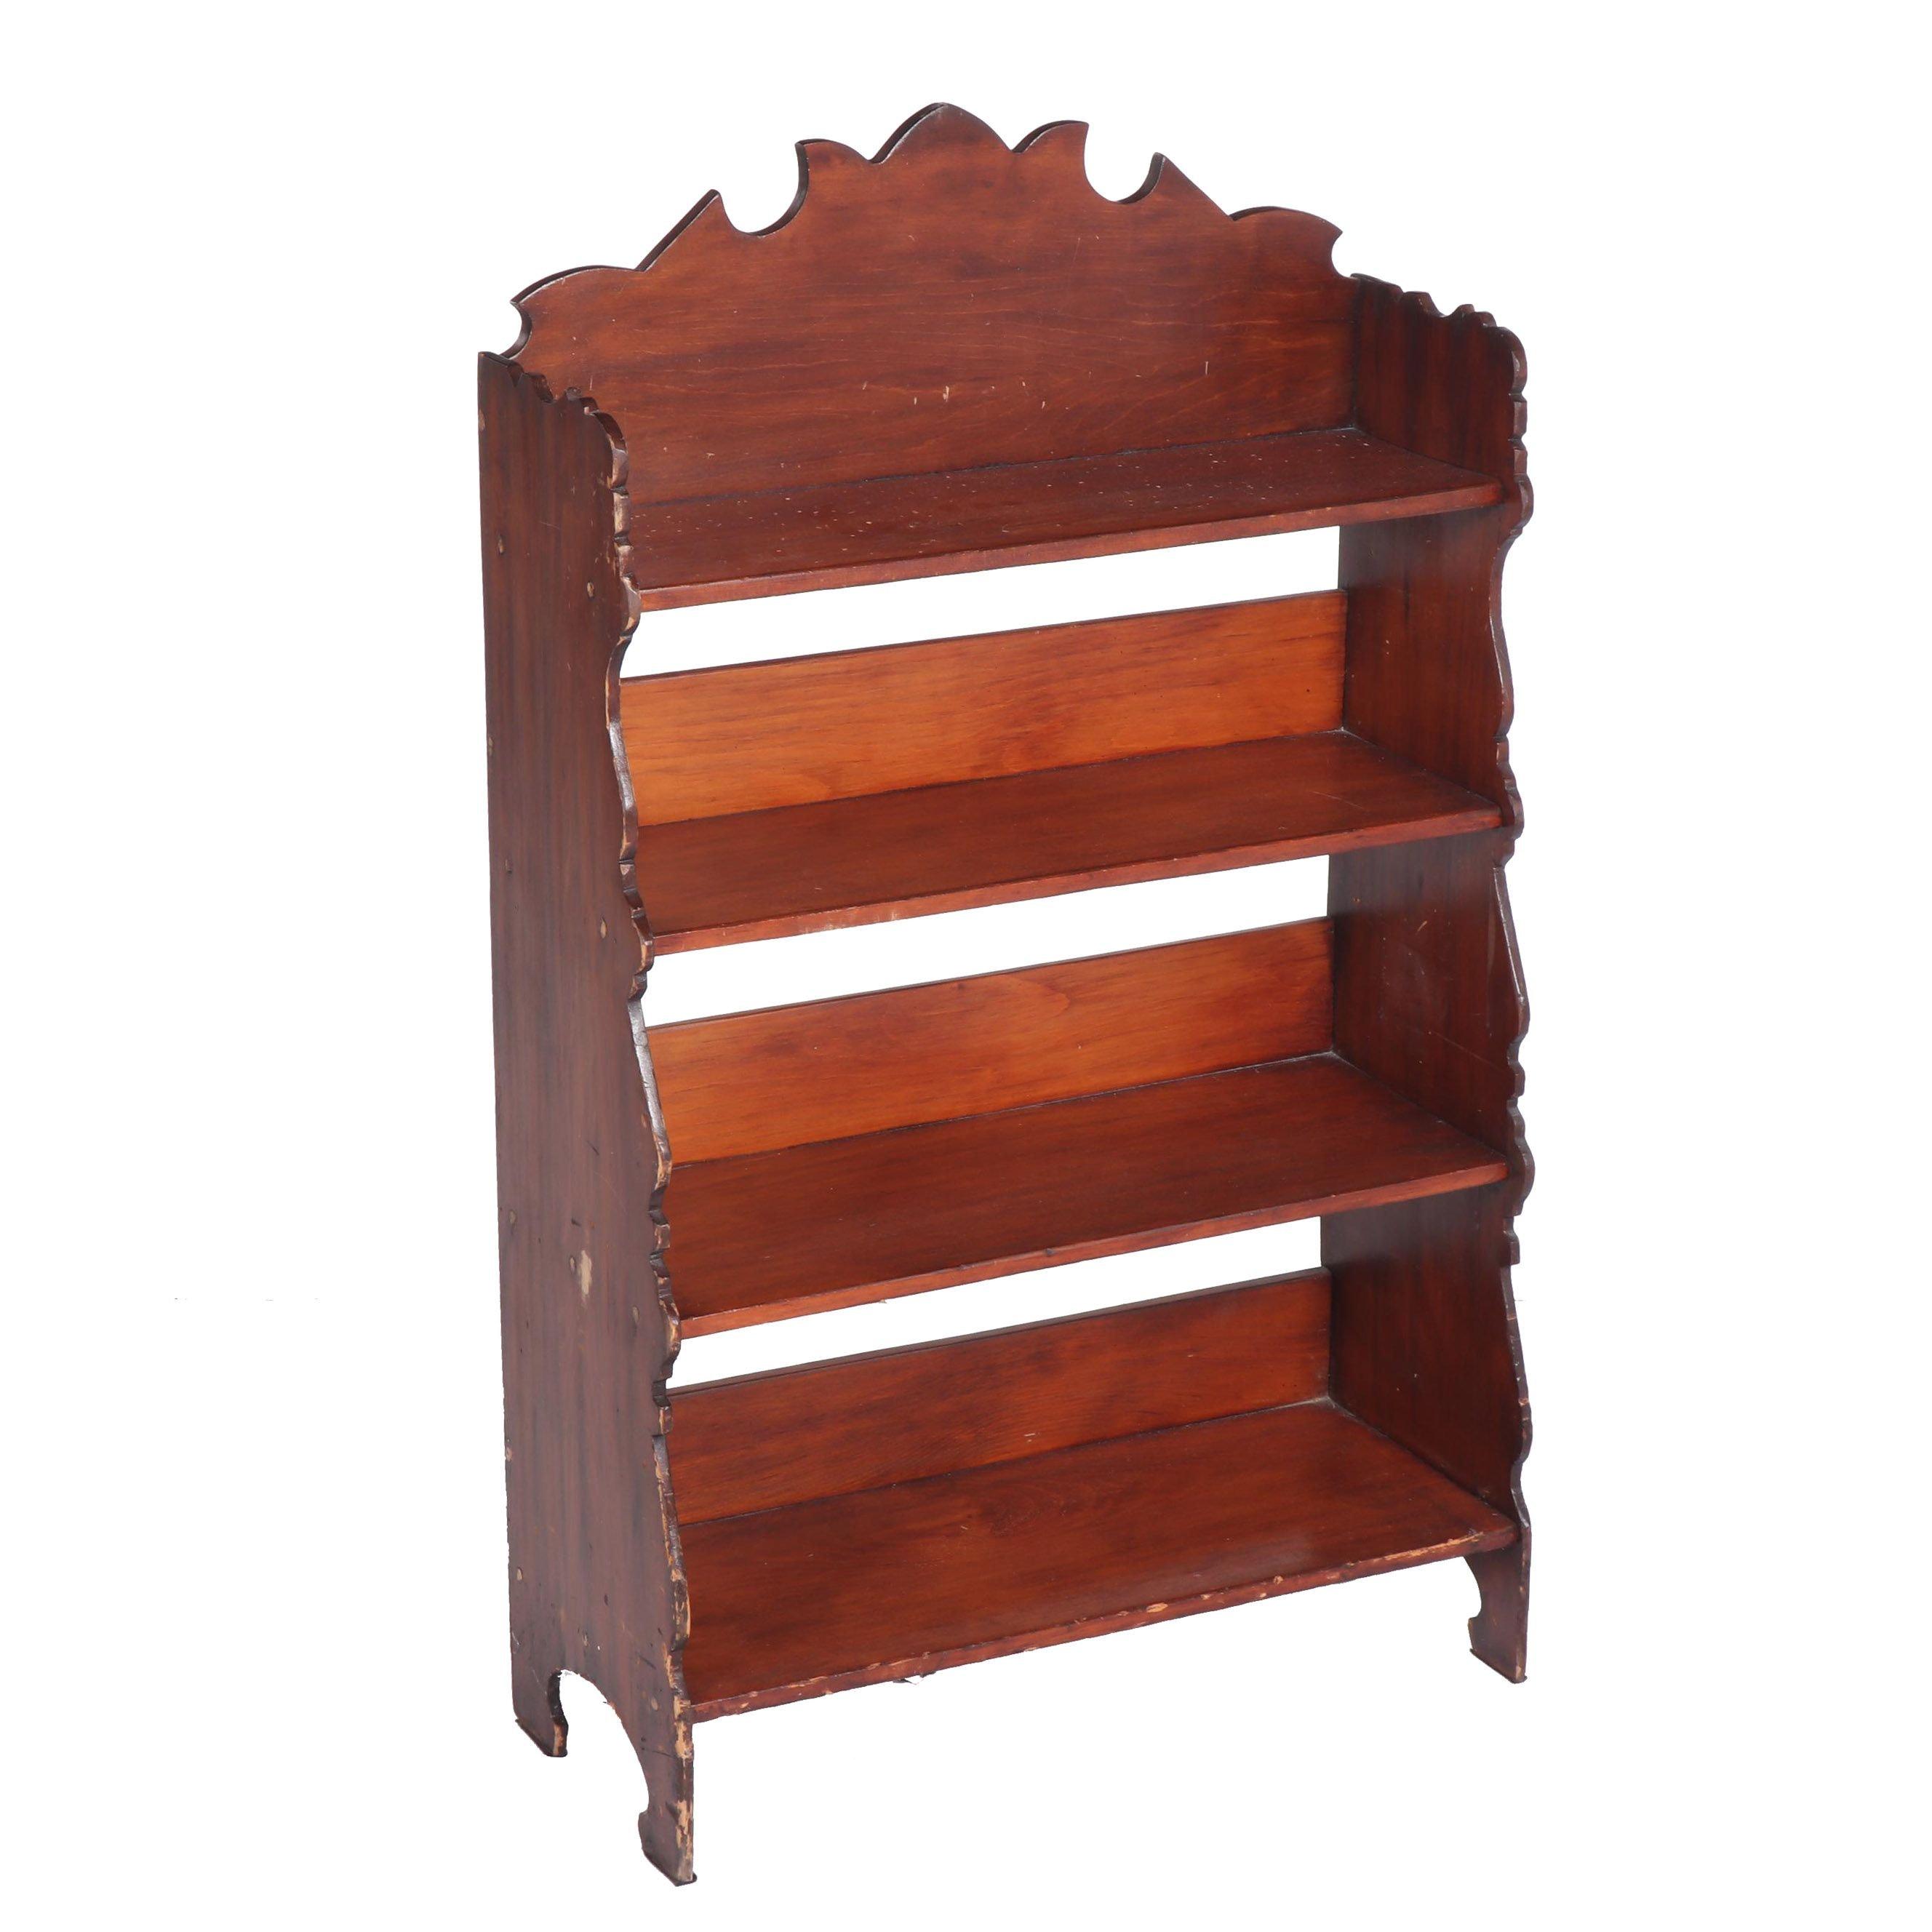 Mahogany Four-Tier Bookcase, Mid-20th Century